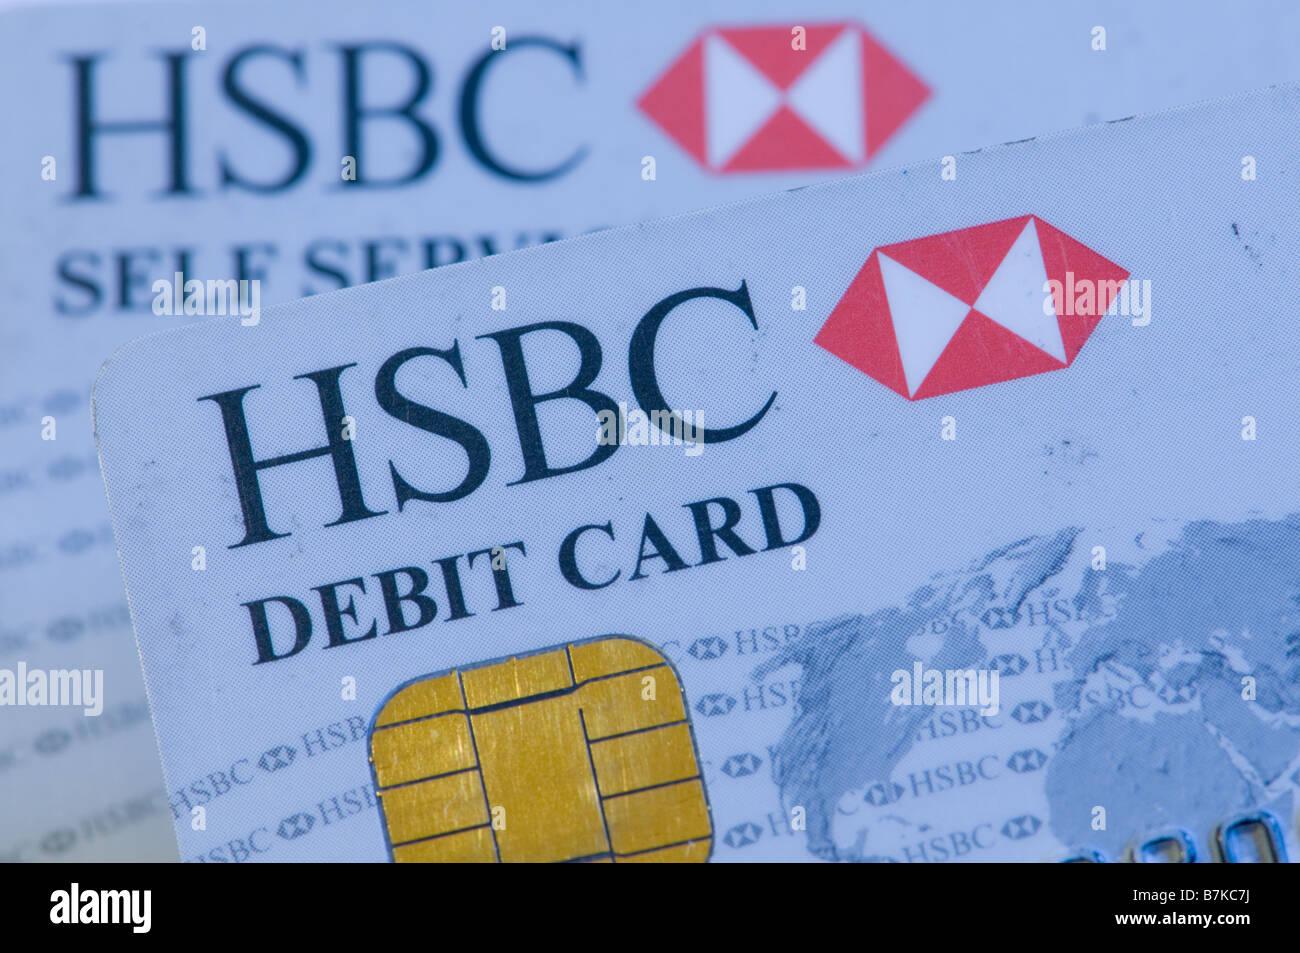 Hsbc Bank Stock Photos & Hsbc Bank Stock Images - Alamy